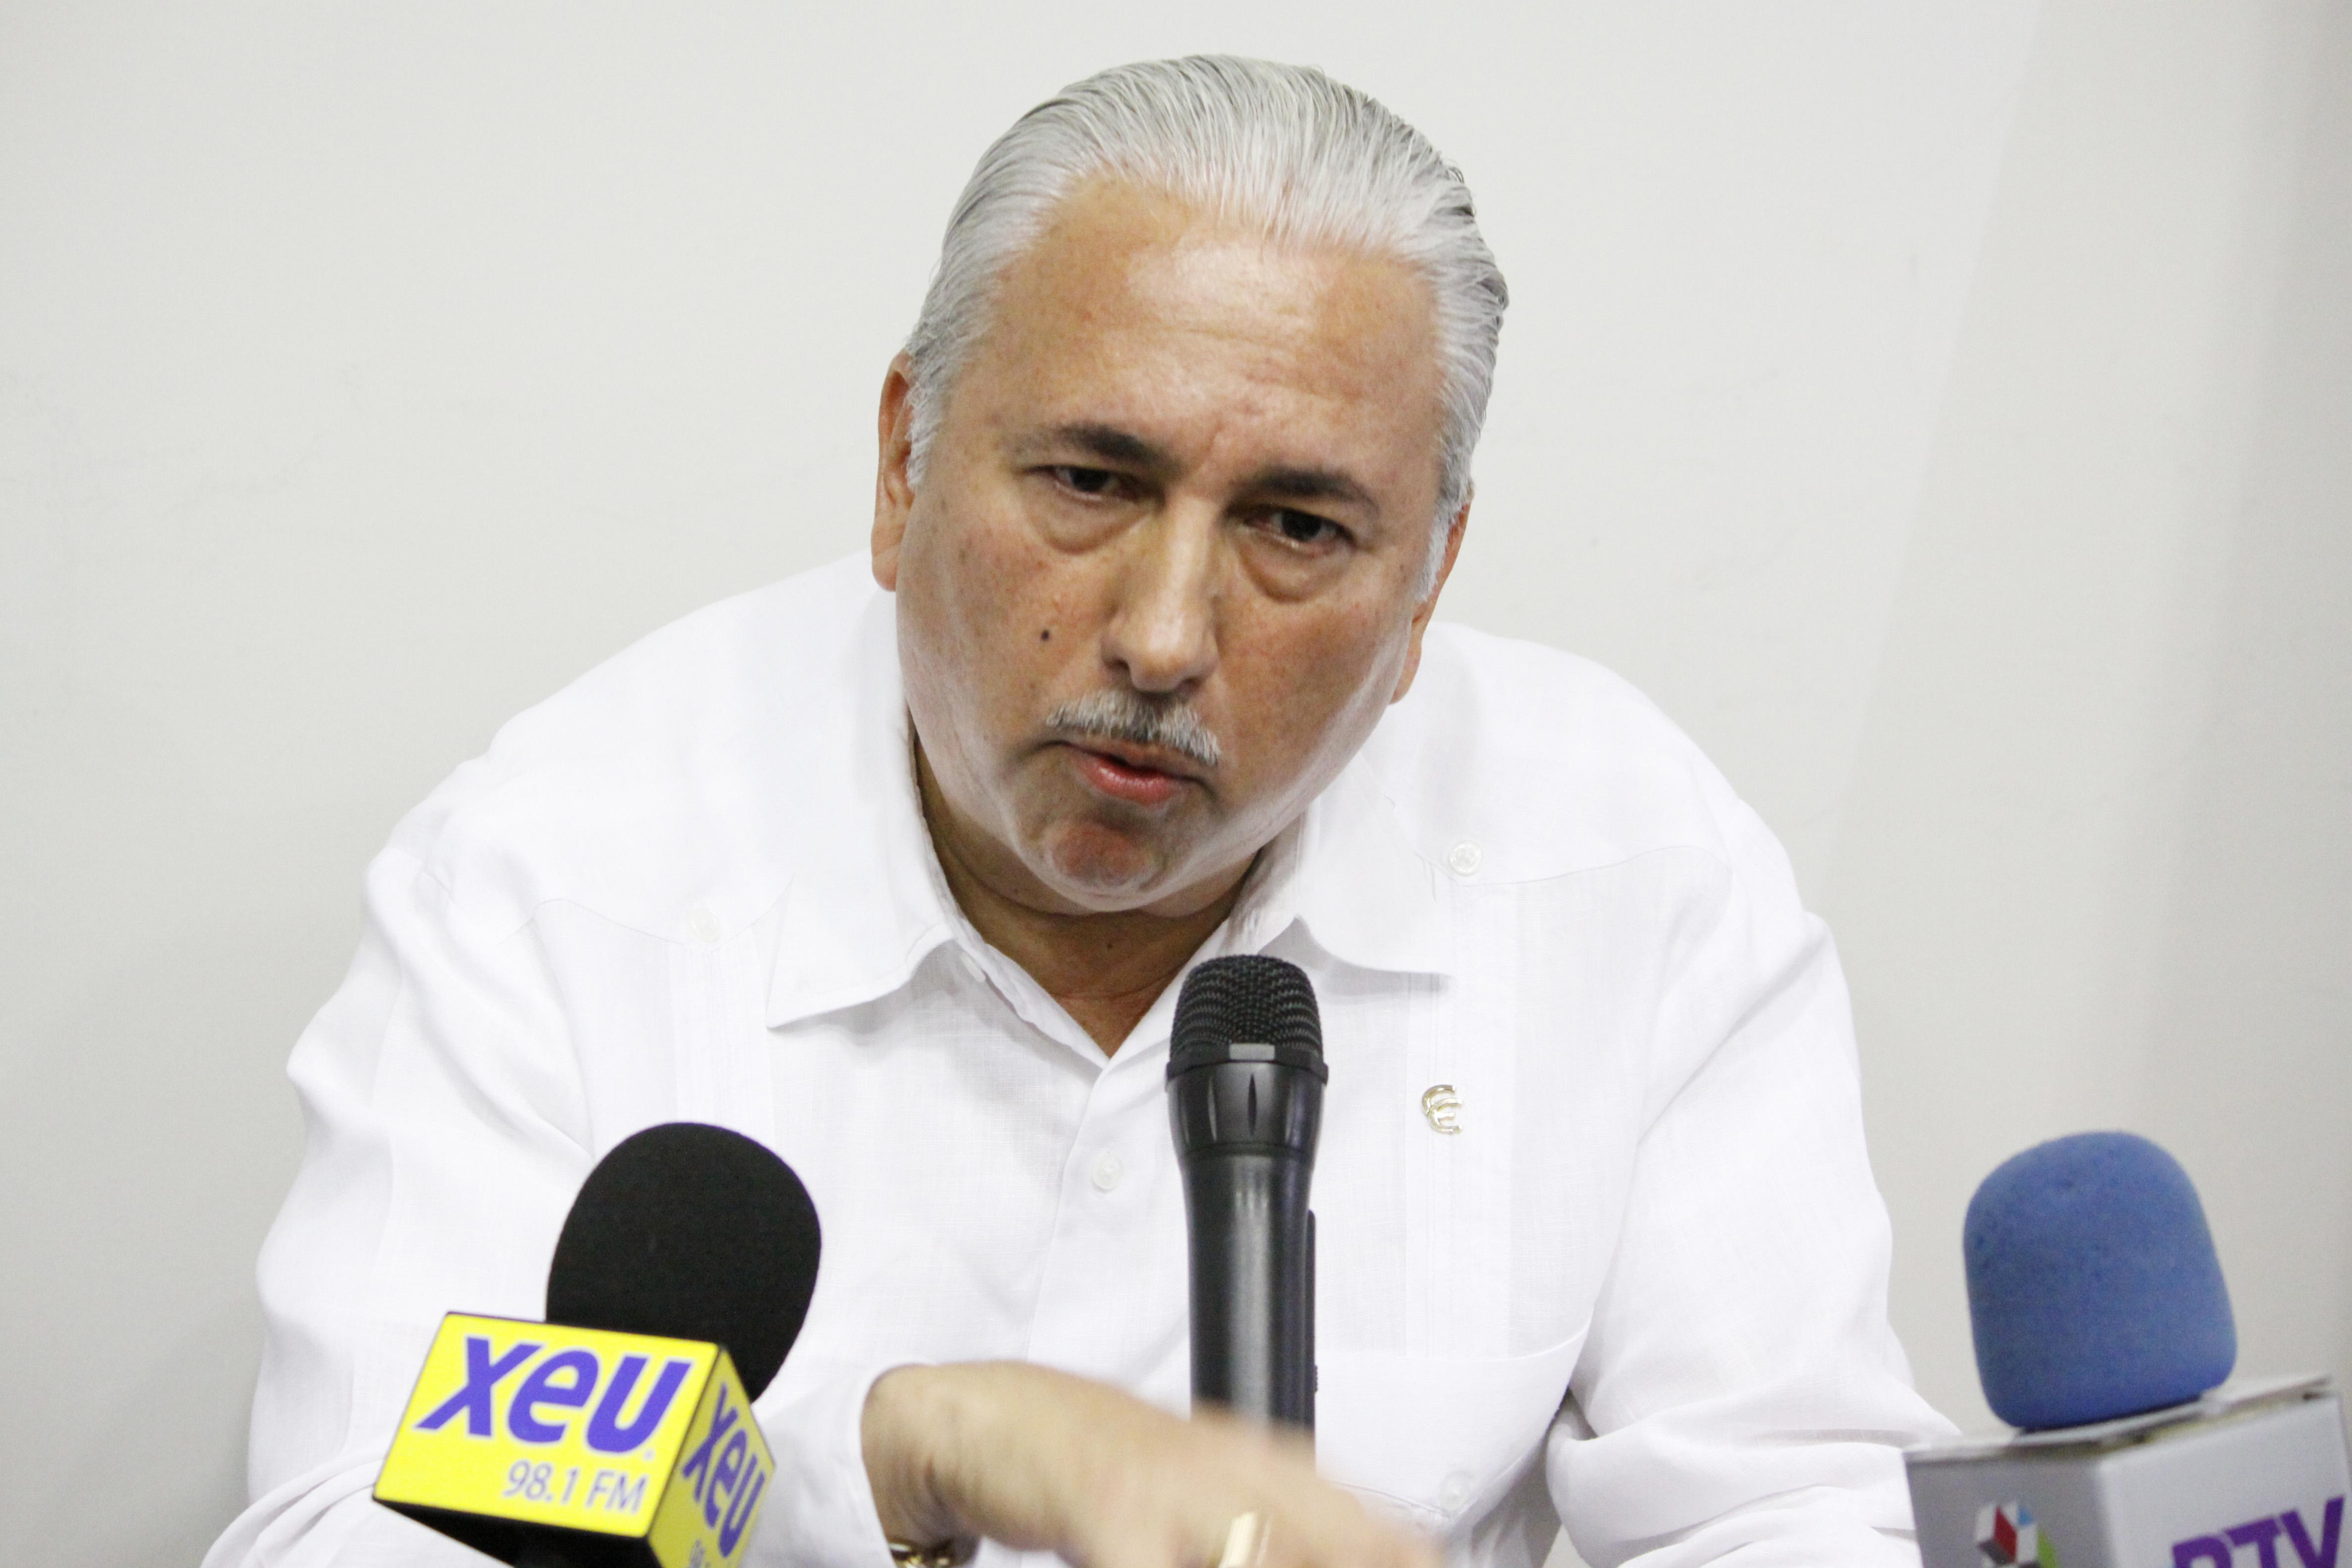 Justicia parcial contra saqueadores del estado: Empresario